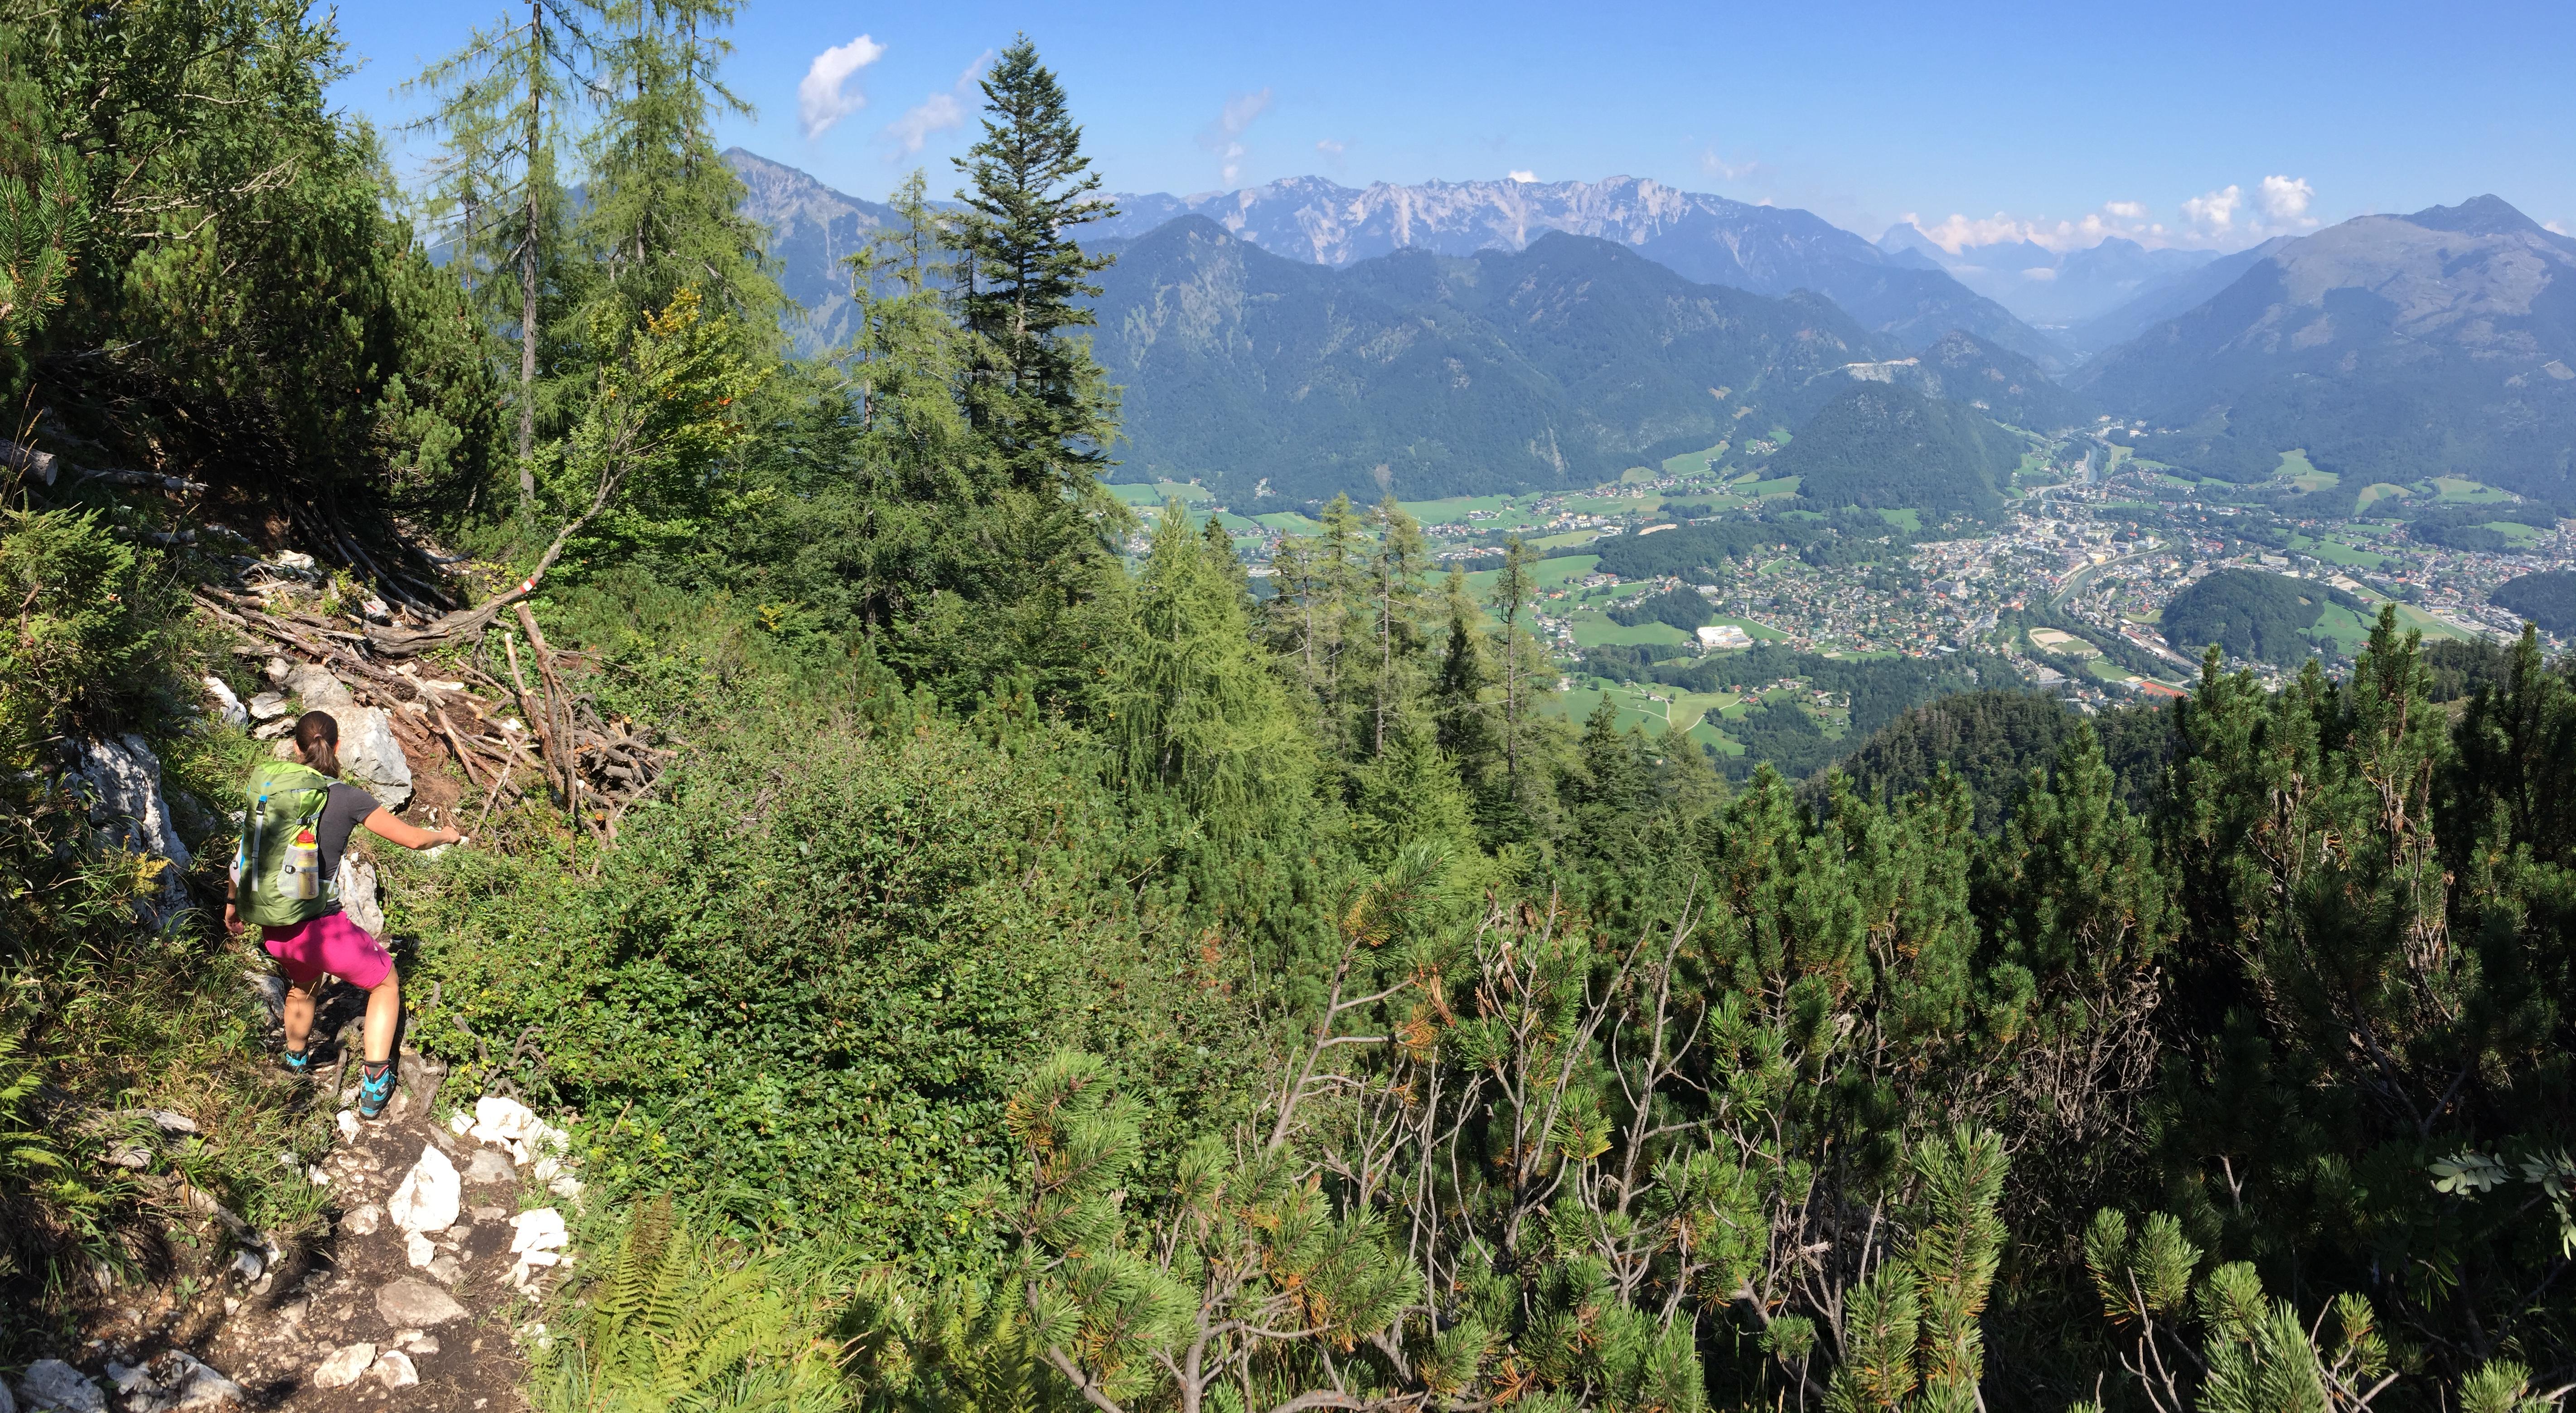 Klettersteig Katrin : Katrin klettersteig 2017 3 u2013 trailbirdie